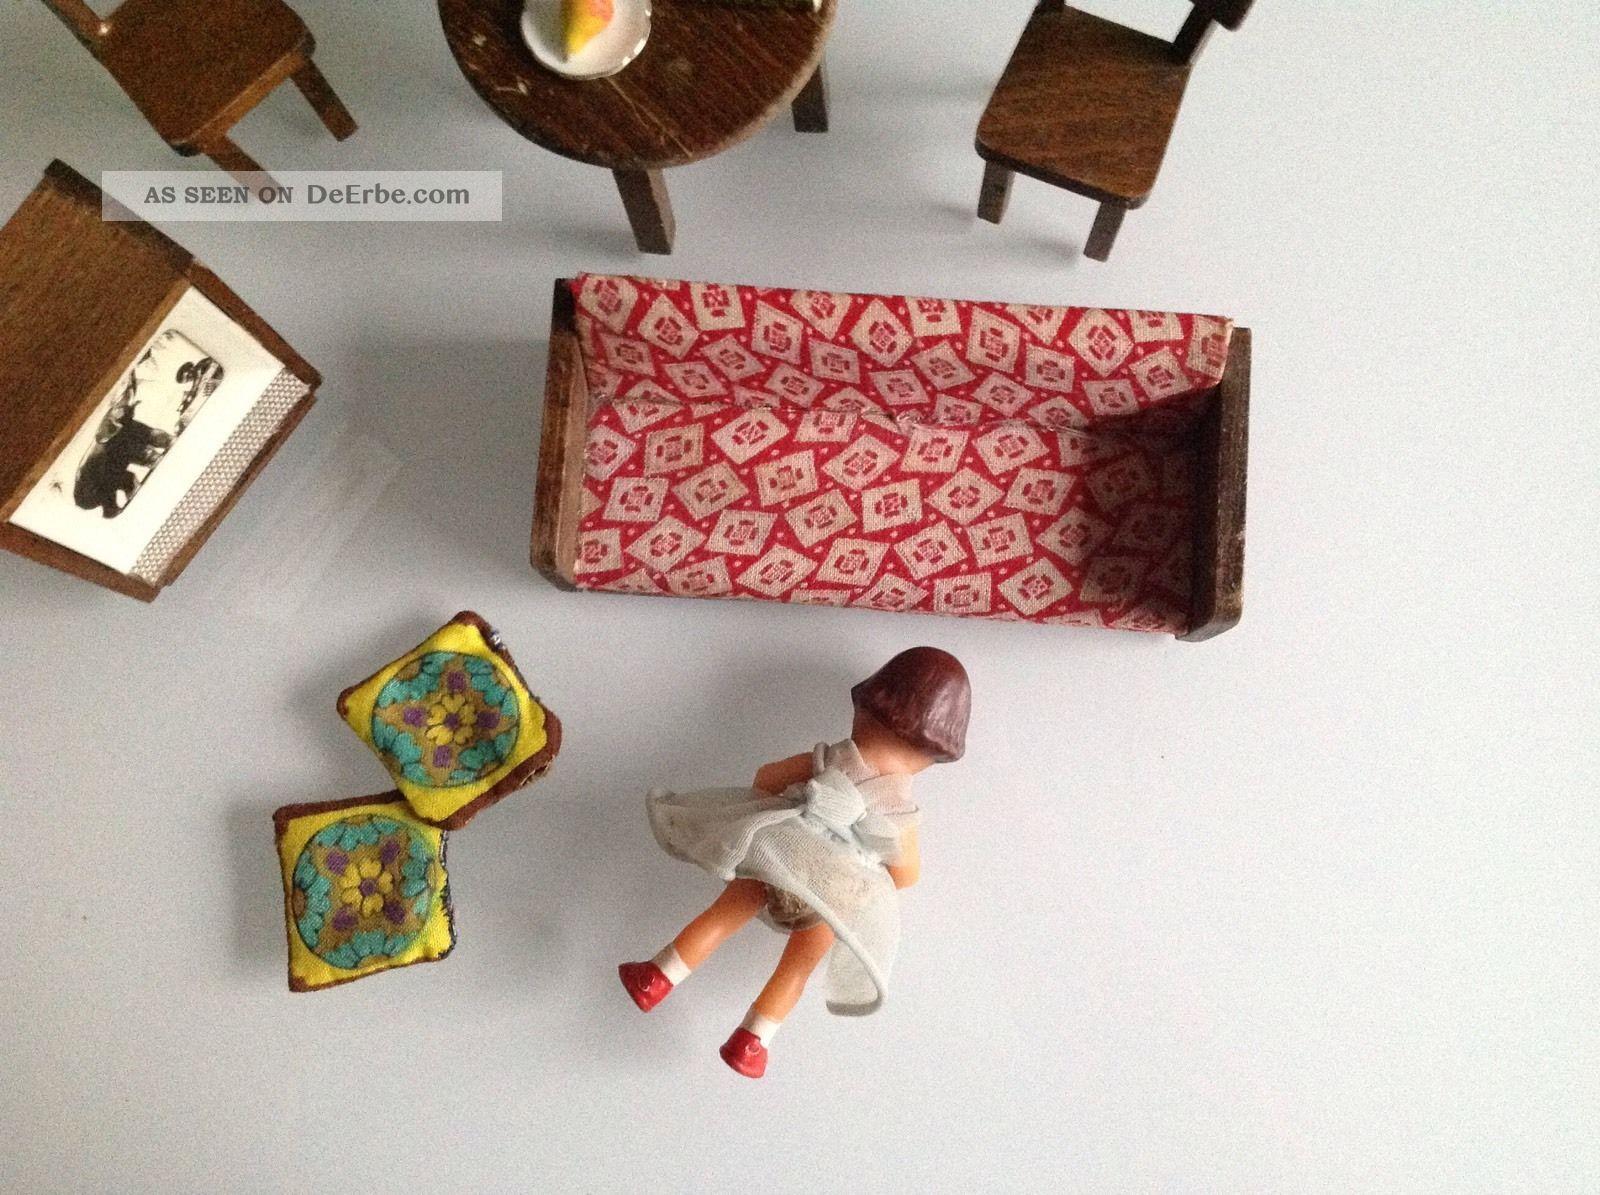 Wohnzimmermobel 50er Jahre Wohnzimmer Mobel Angebote Auf Waterige